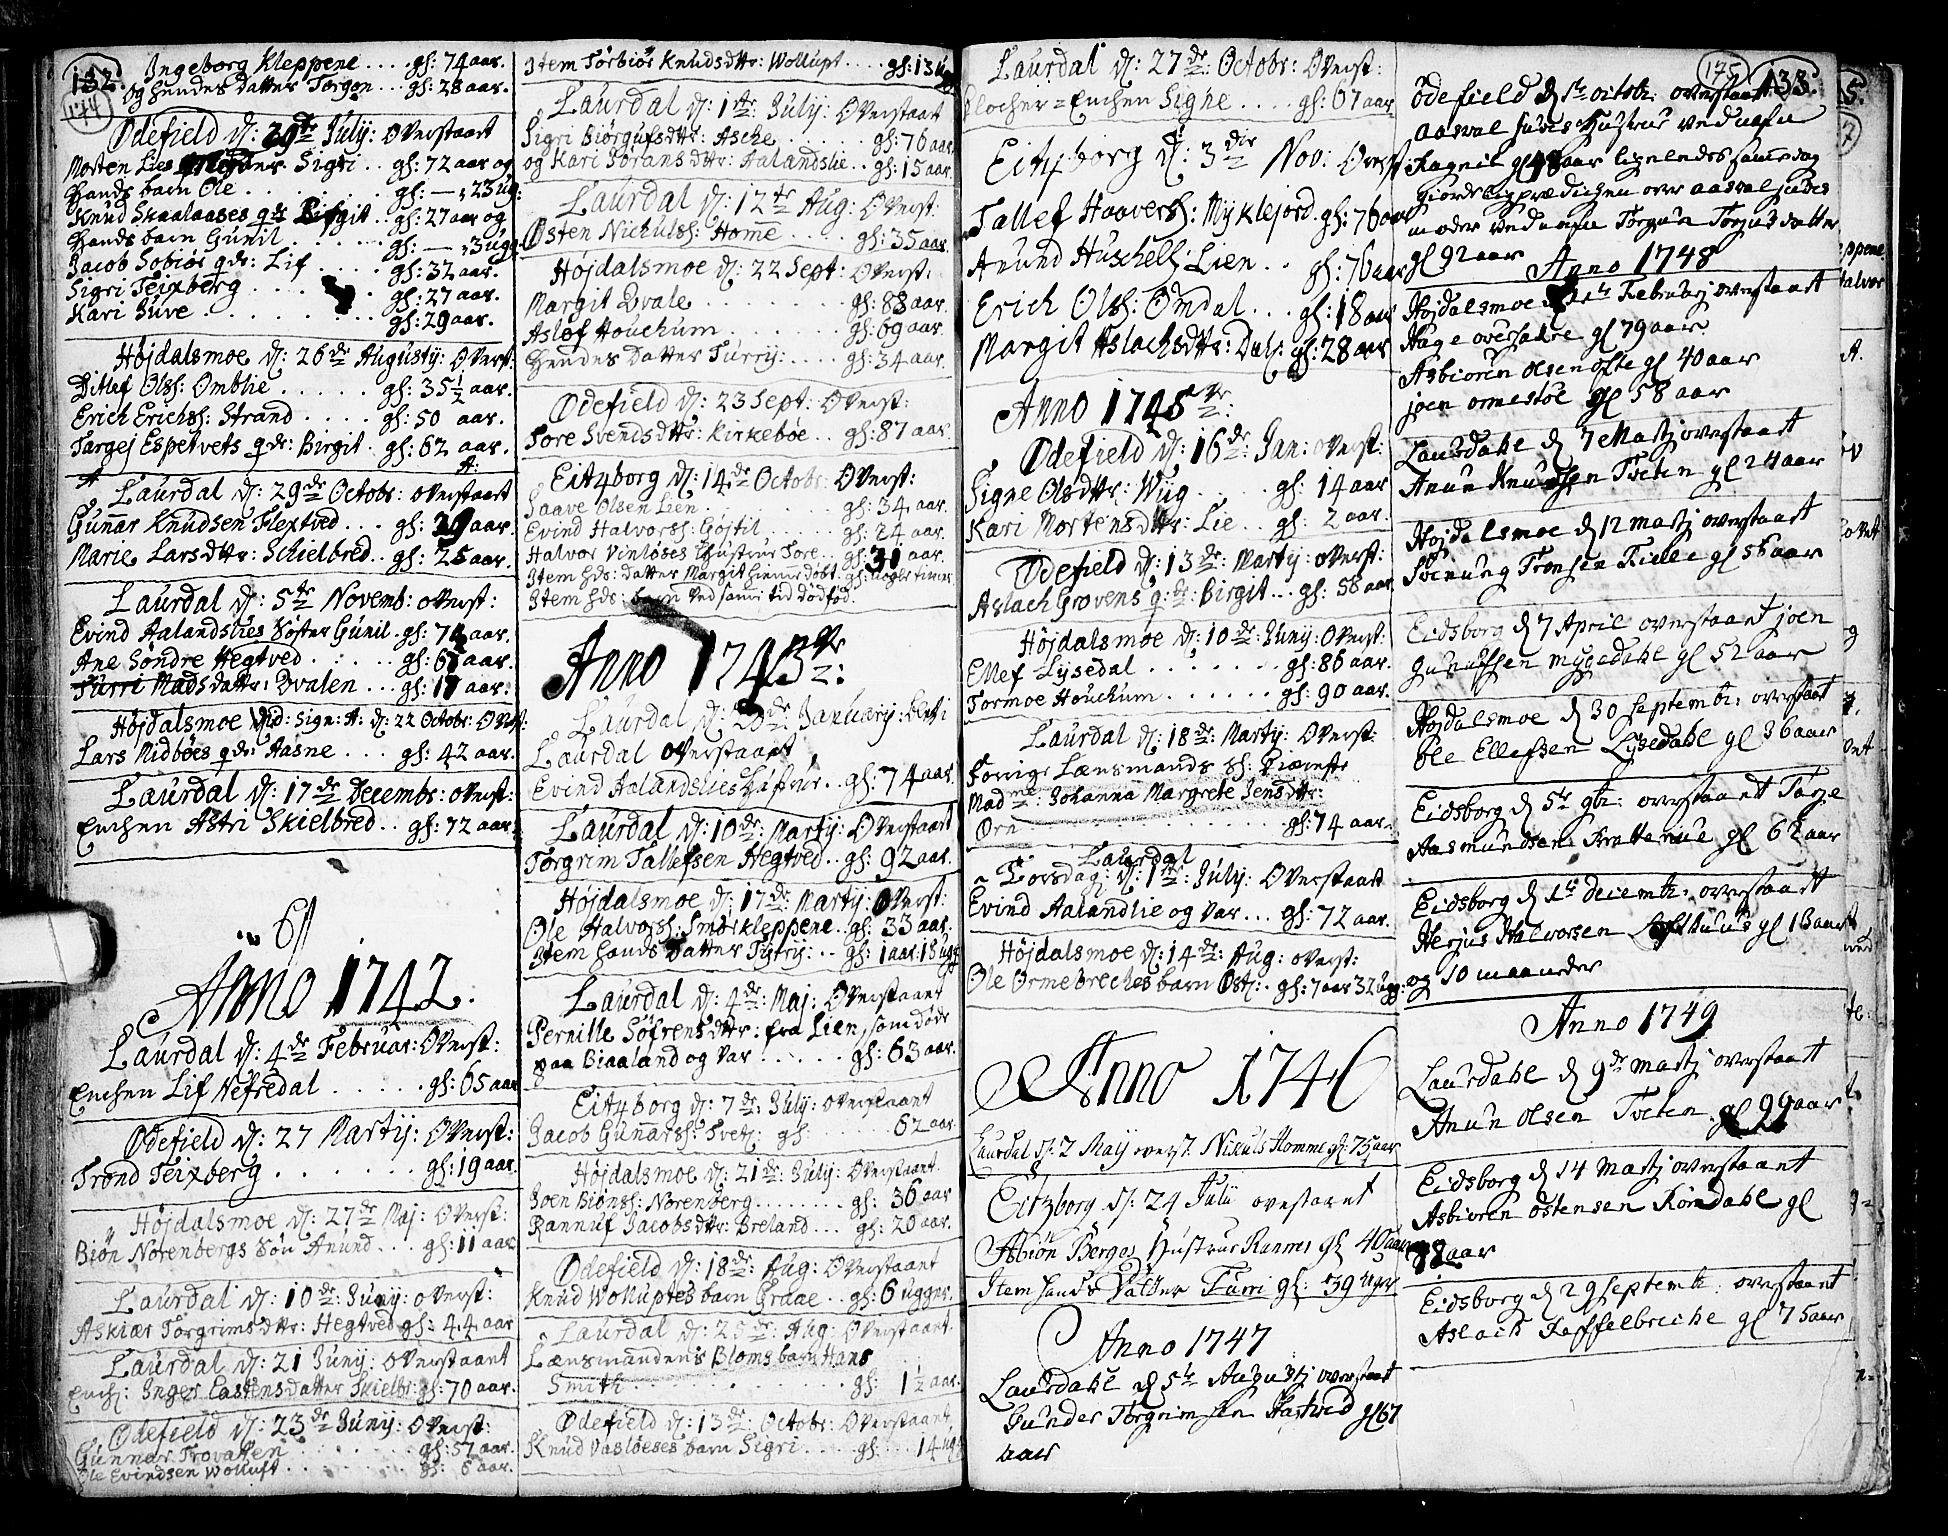 SAKO, Lårdal kirkebøker, F/Fa/L0002: Ministerialbok nr. I 2, 1734-1754, s. 174-175